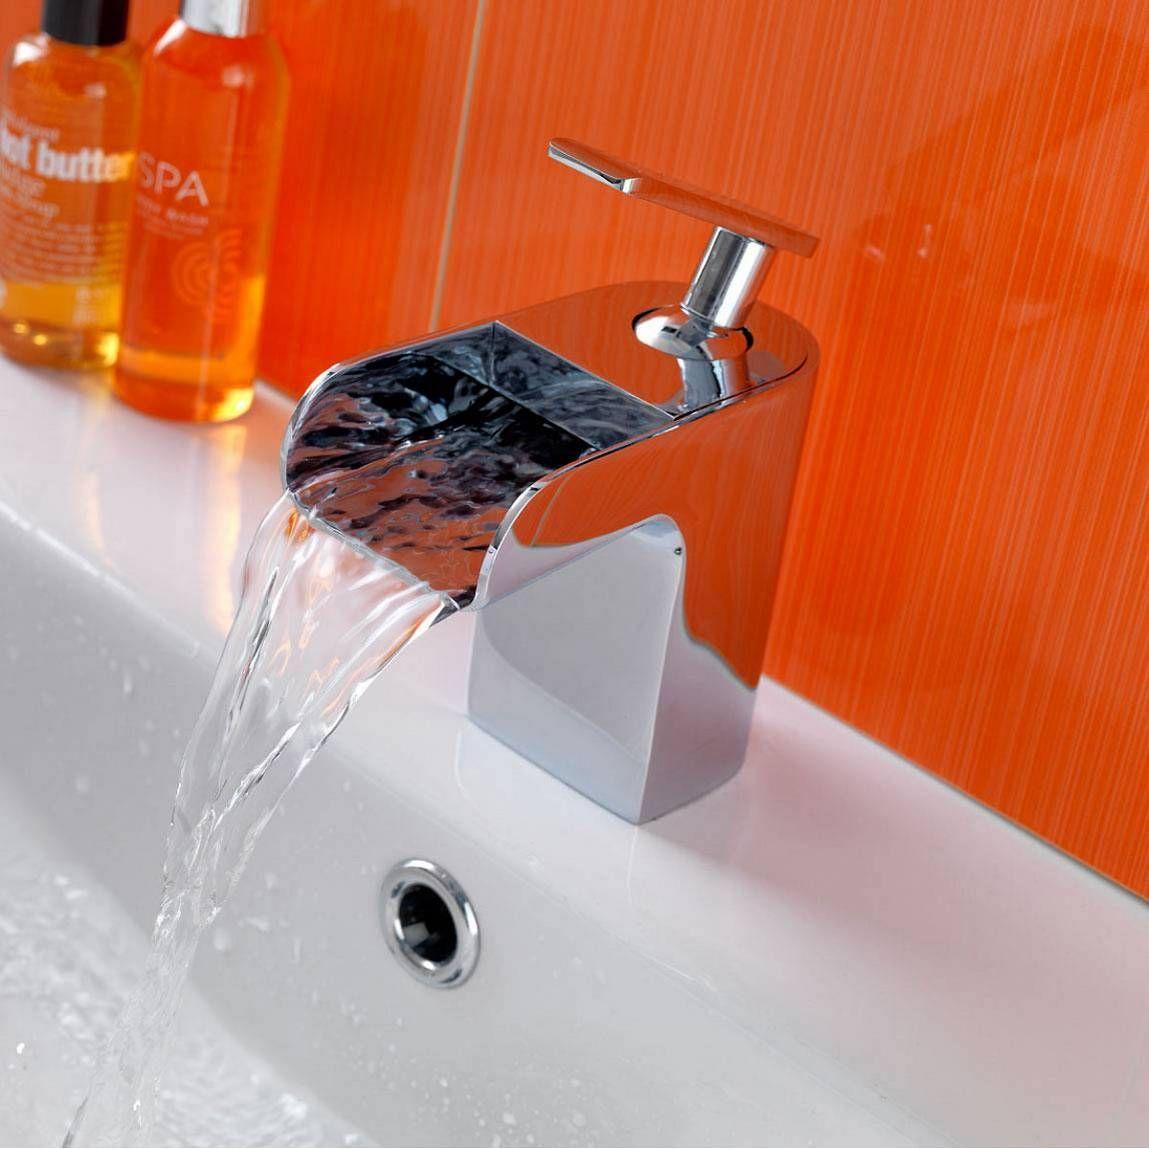 reinosa basin and bath mixer pack victoria plumb 11999 - Bathroom Accessories Victoria Plumb